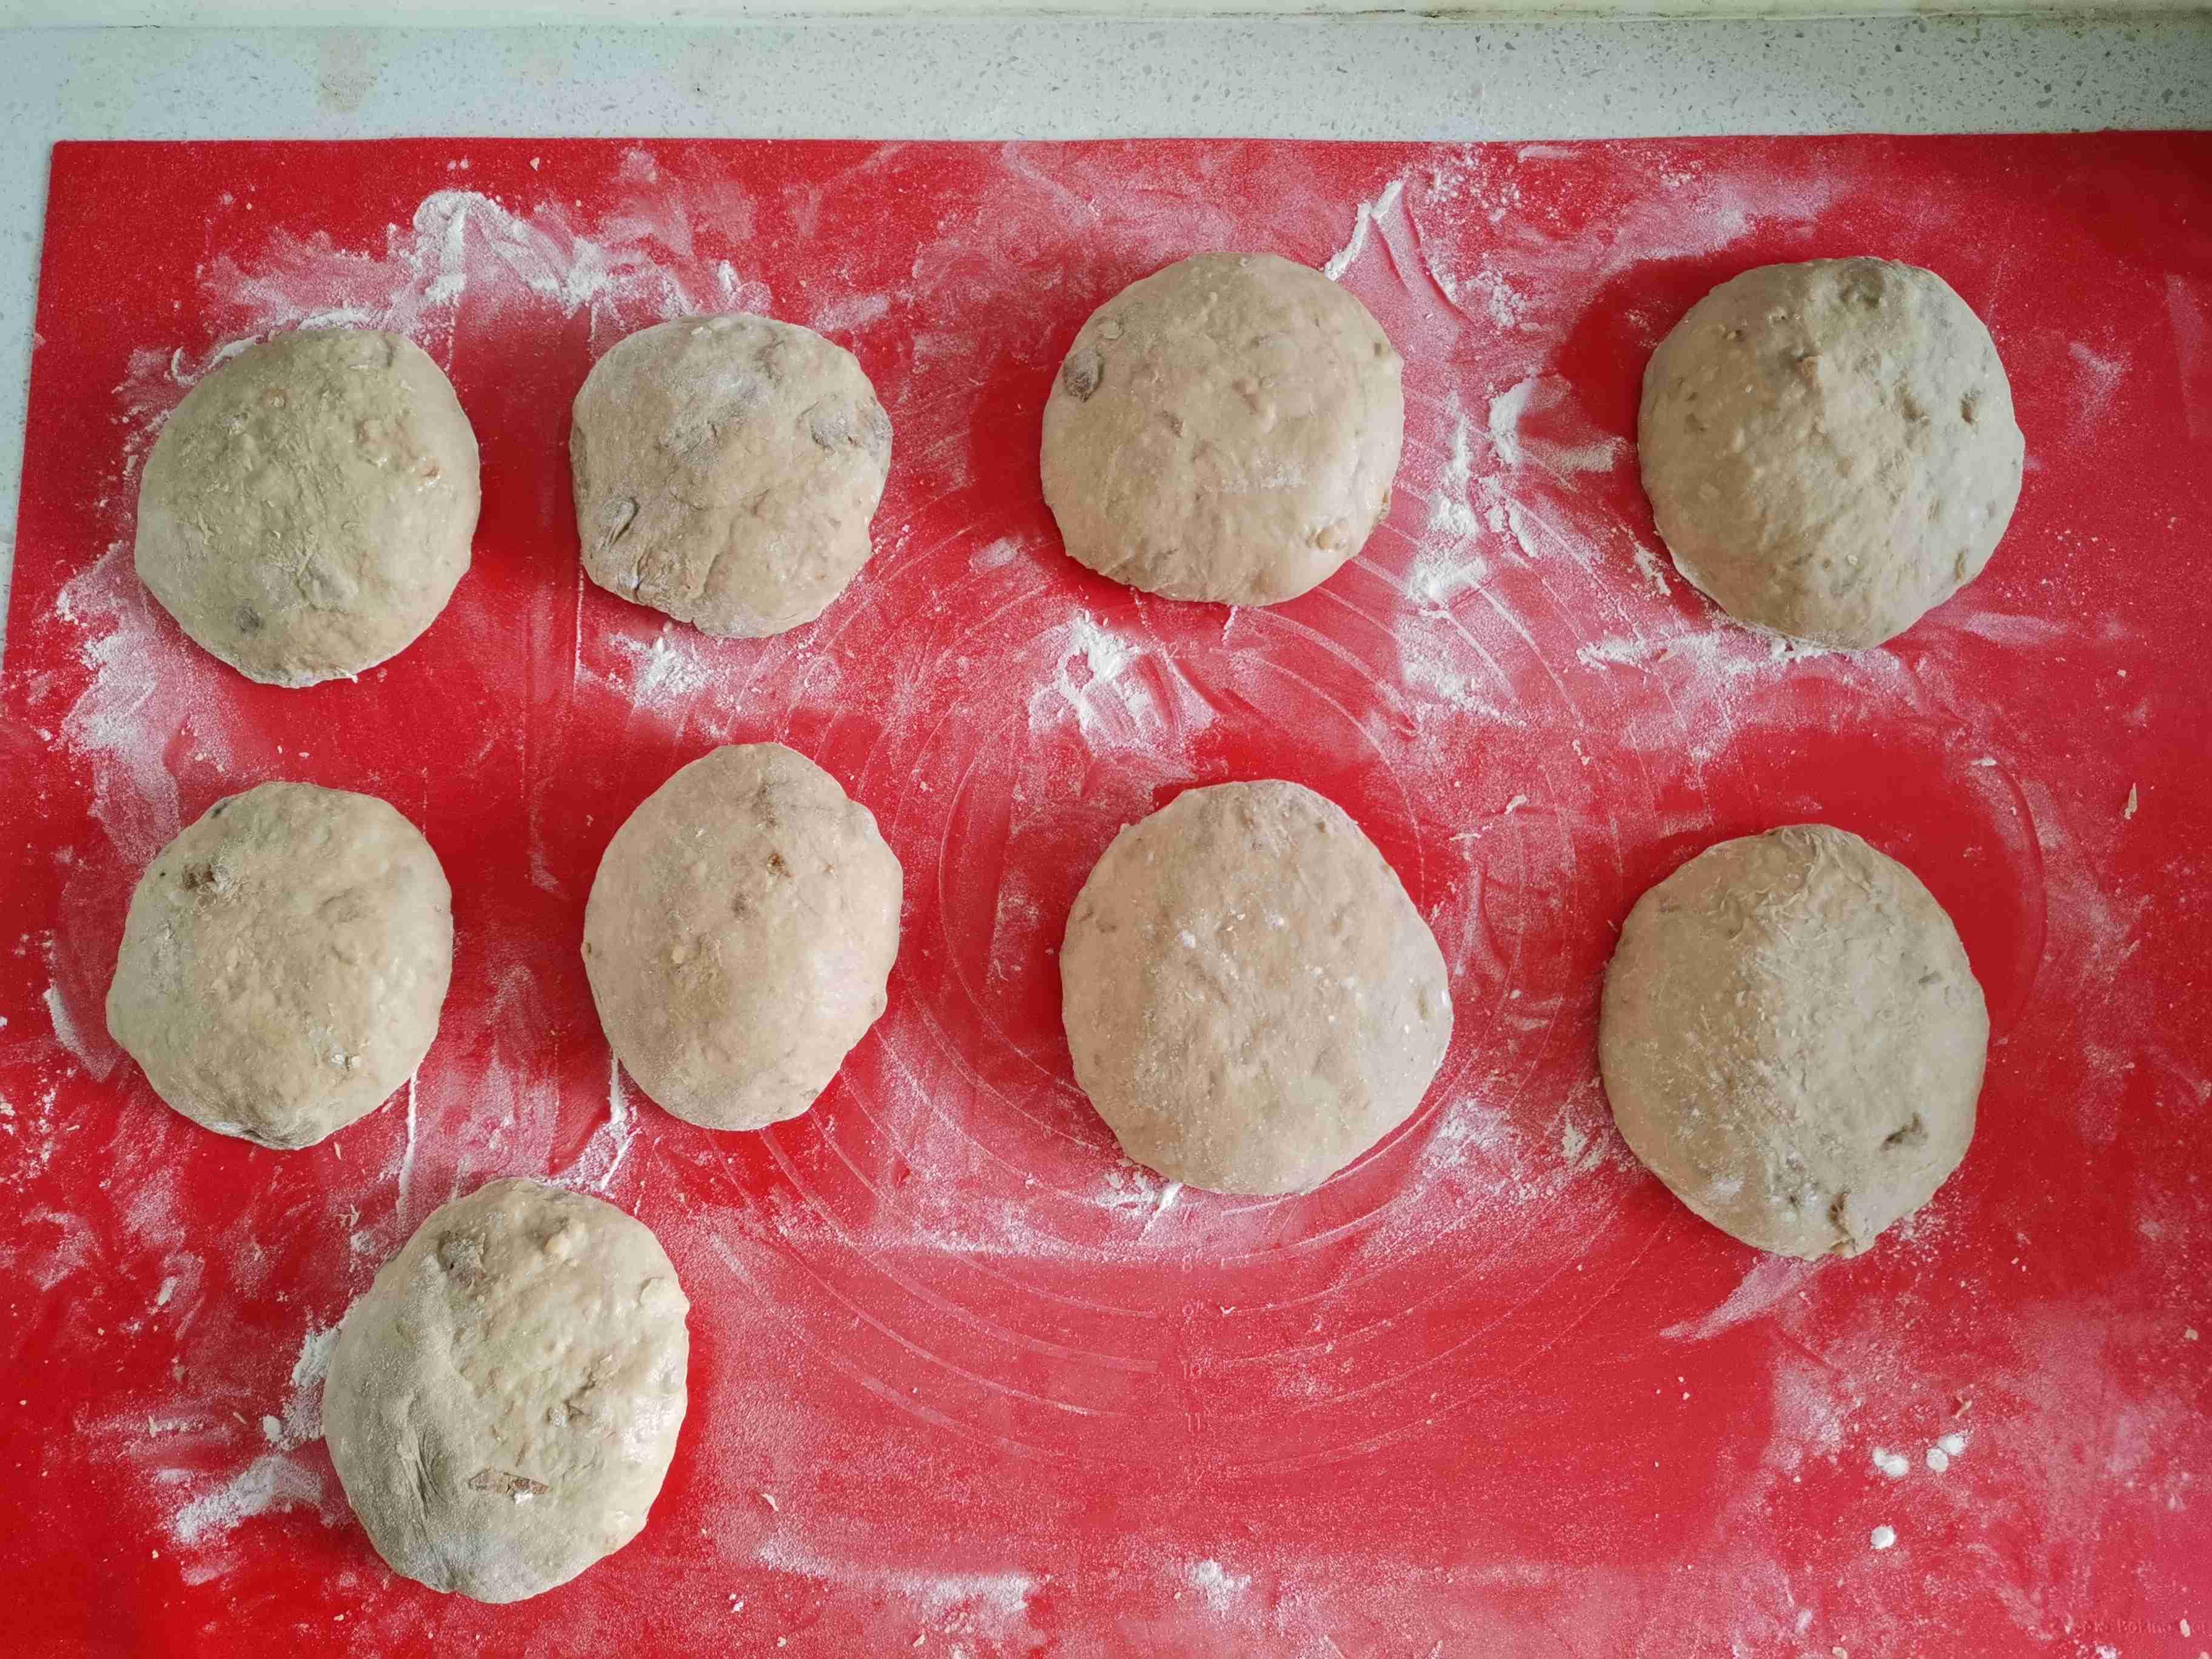 女性最佳补品级面包~黑糖果仁吐司怎样做